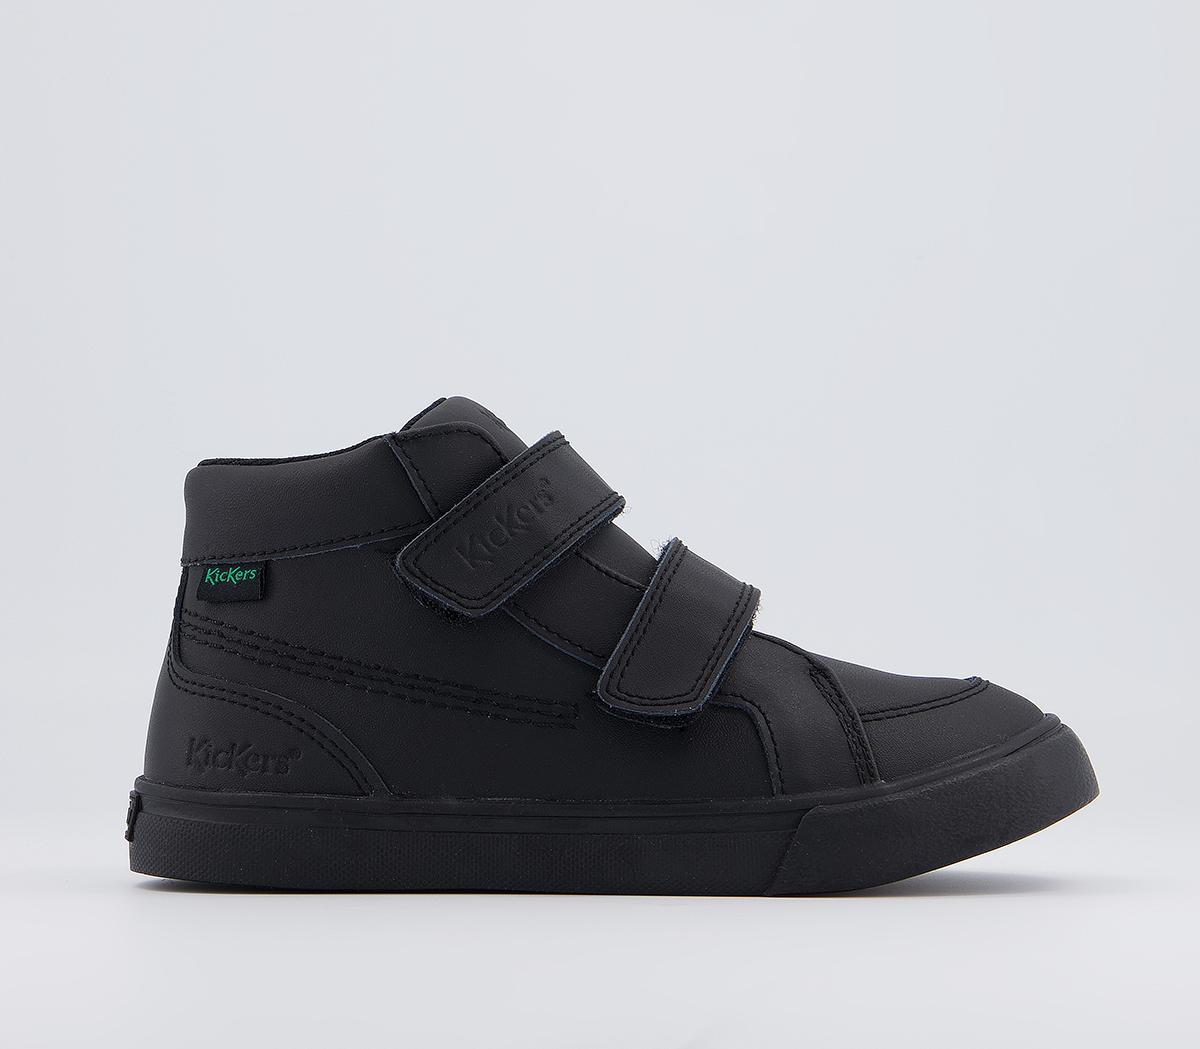 Tovni Hi Velcro Infant Boots